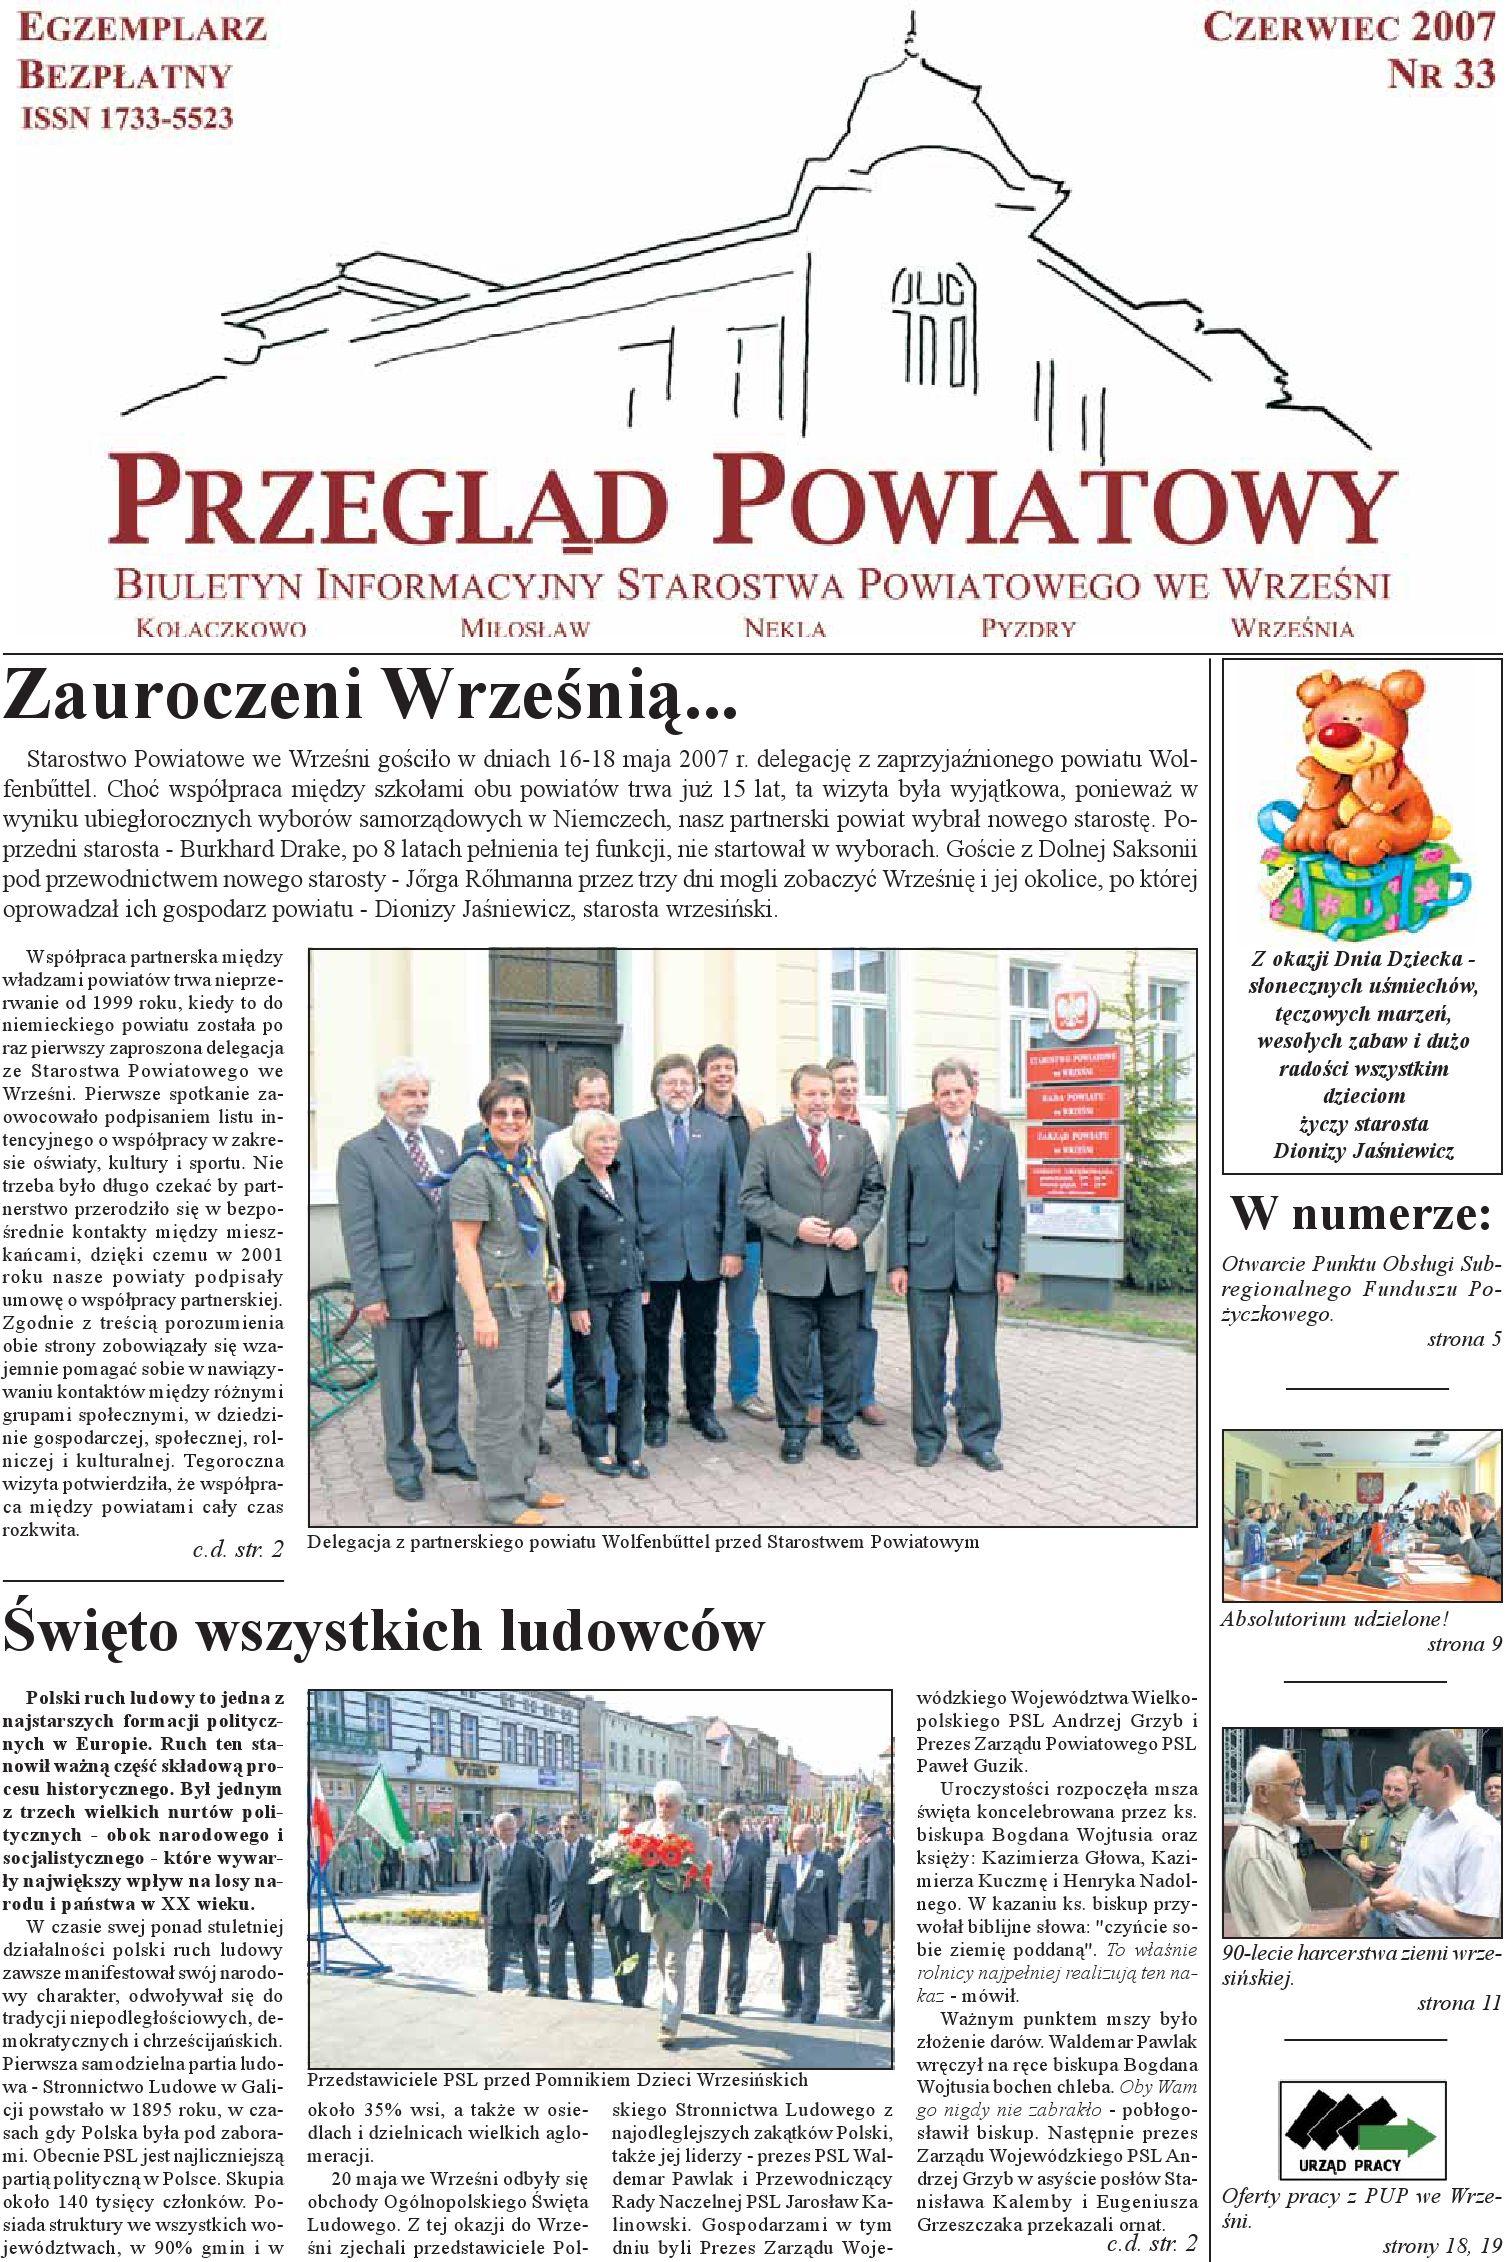 Przegląd Powiatowy Nr 33 Czerwiec 2007 By Starostwo